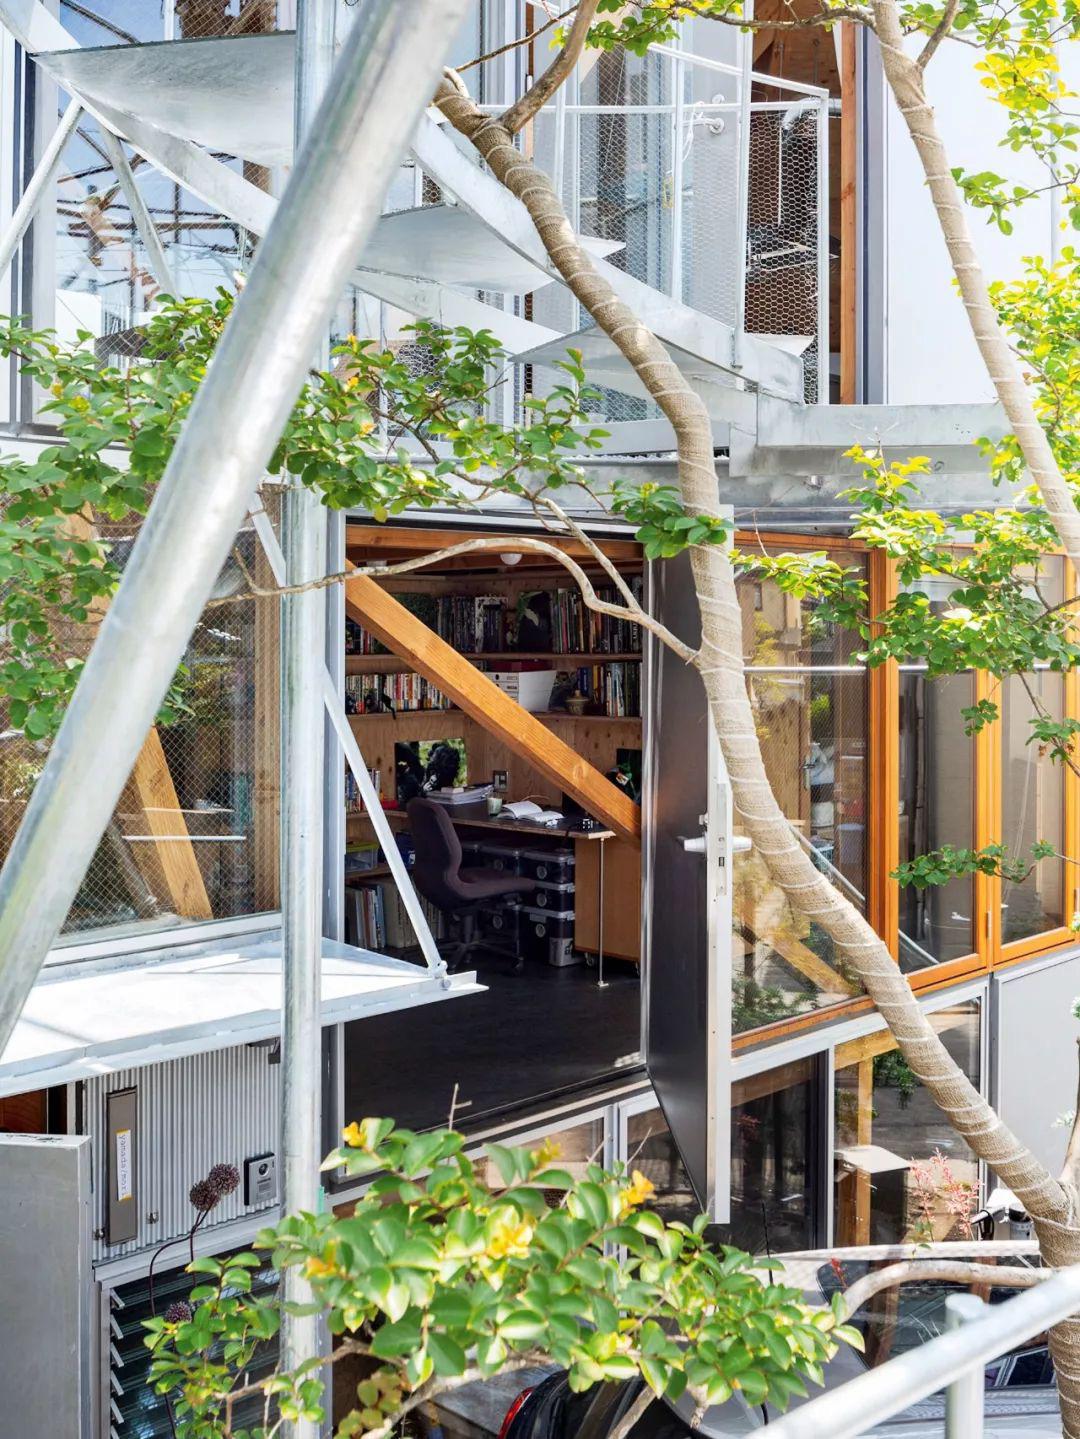 Mua mảnh đất ở khu nhà giàu, gia đình ba thế hệ thiết kế ngôi nhà đặc biệt chỉ toàn ánh sáng và cây xanh ở Nhật Bản - Ảnh 14.